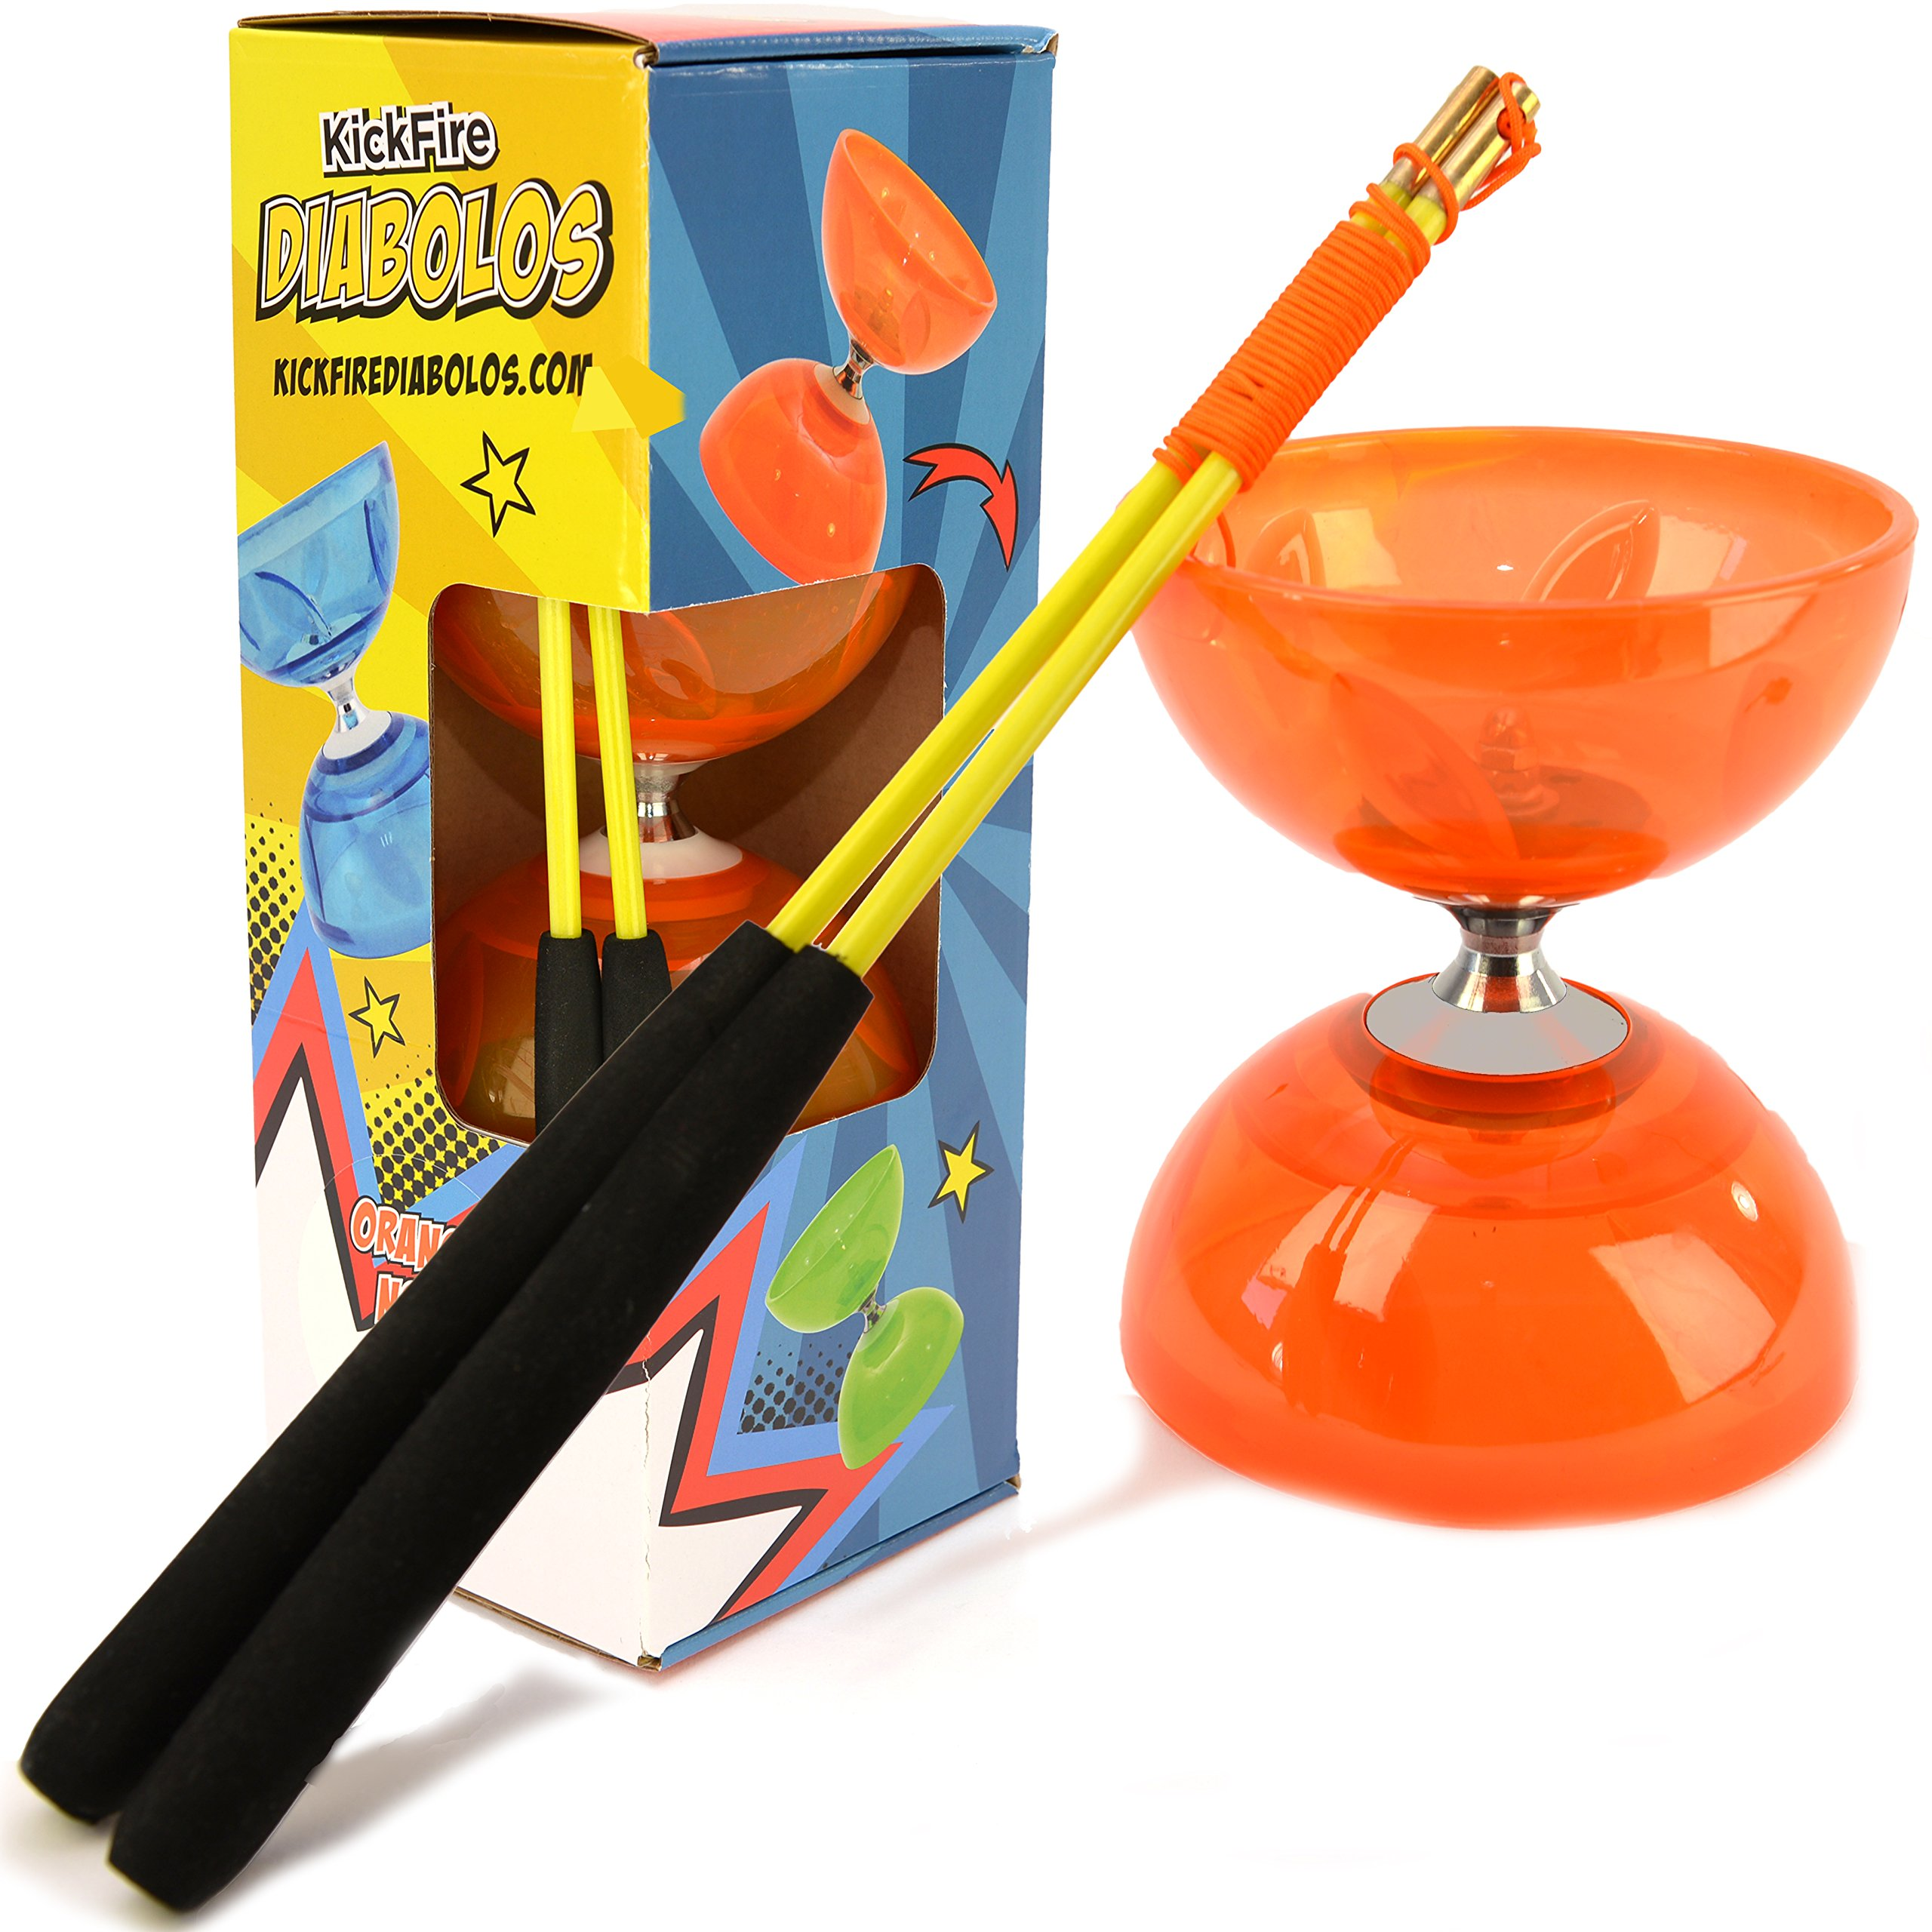 KickFire Diabolos (Orange)